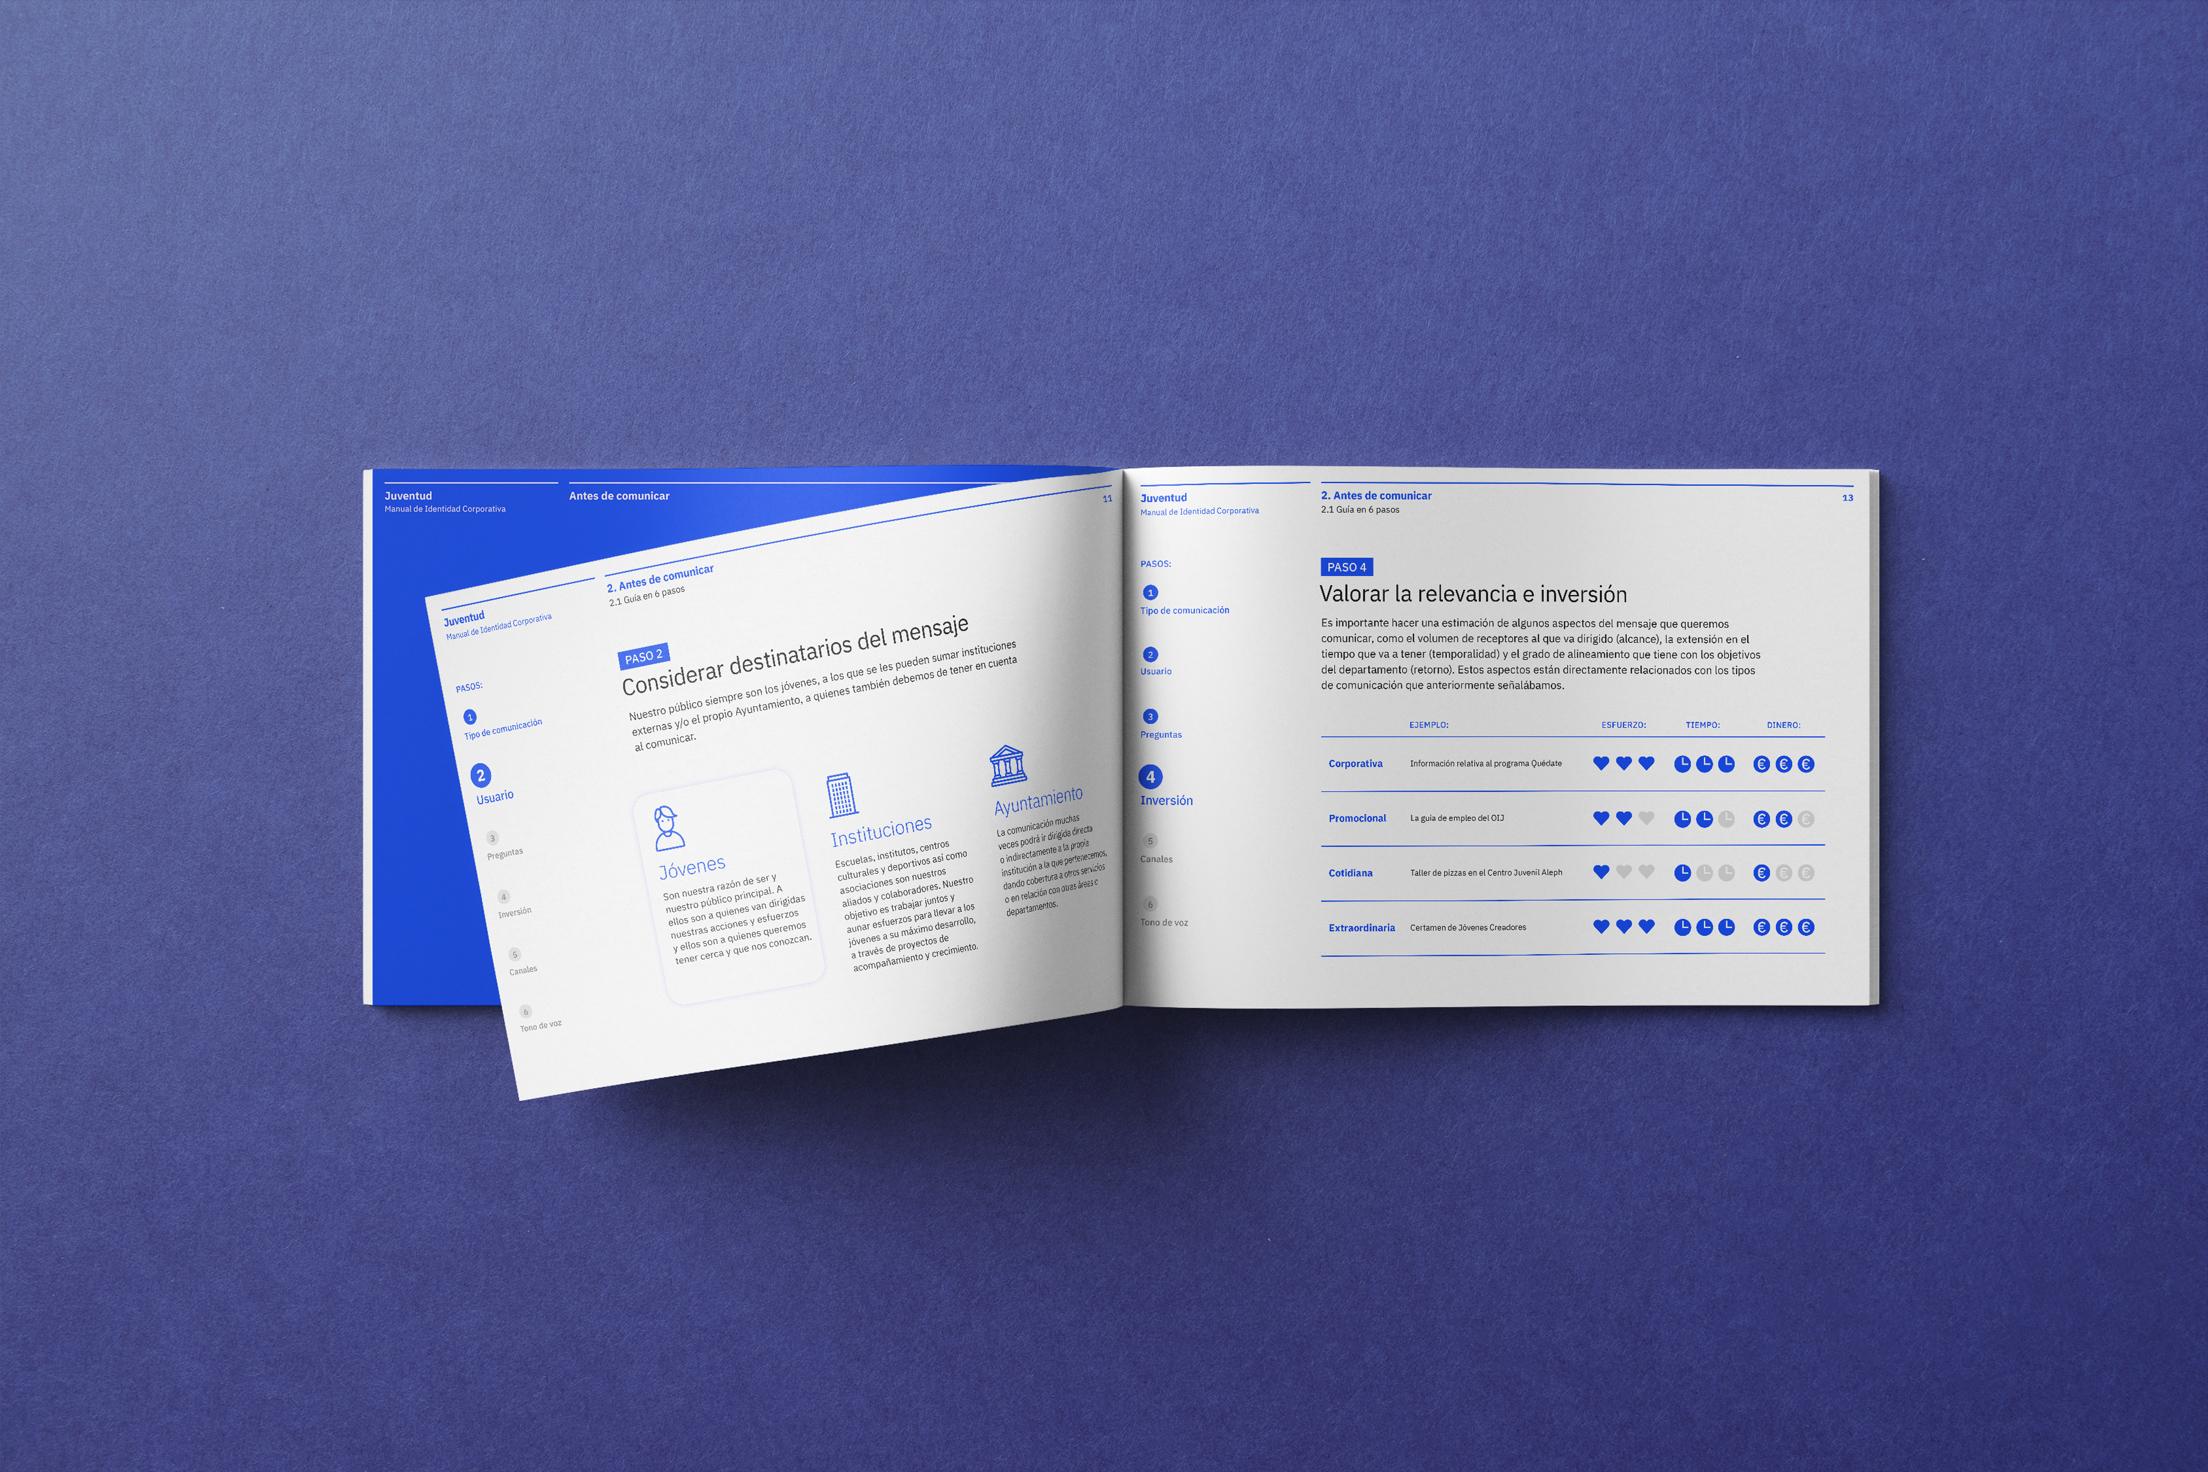 Diseño del manual de identidad del área de Juventud del ayuntamiento de Madrid